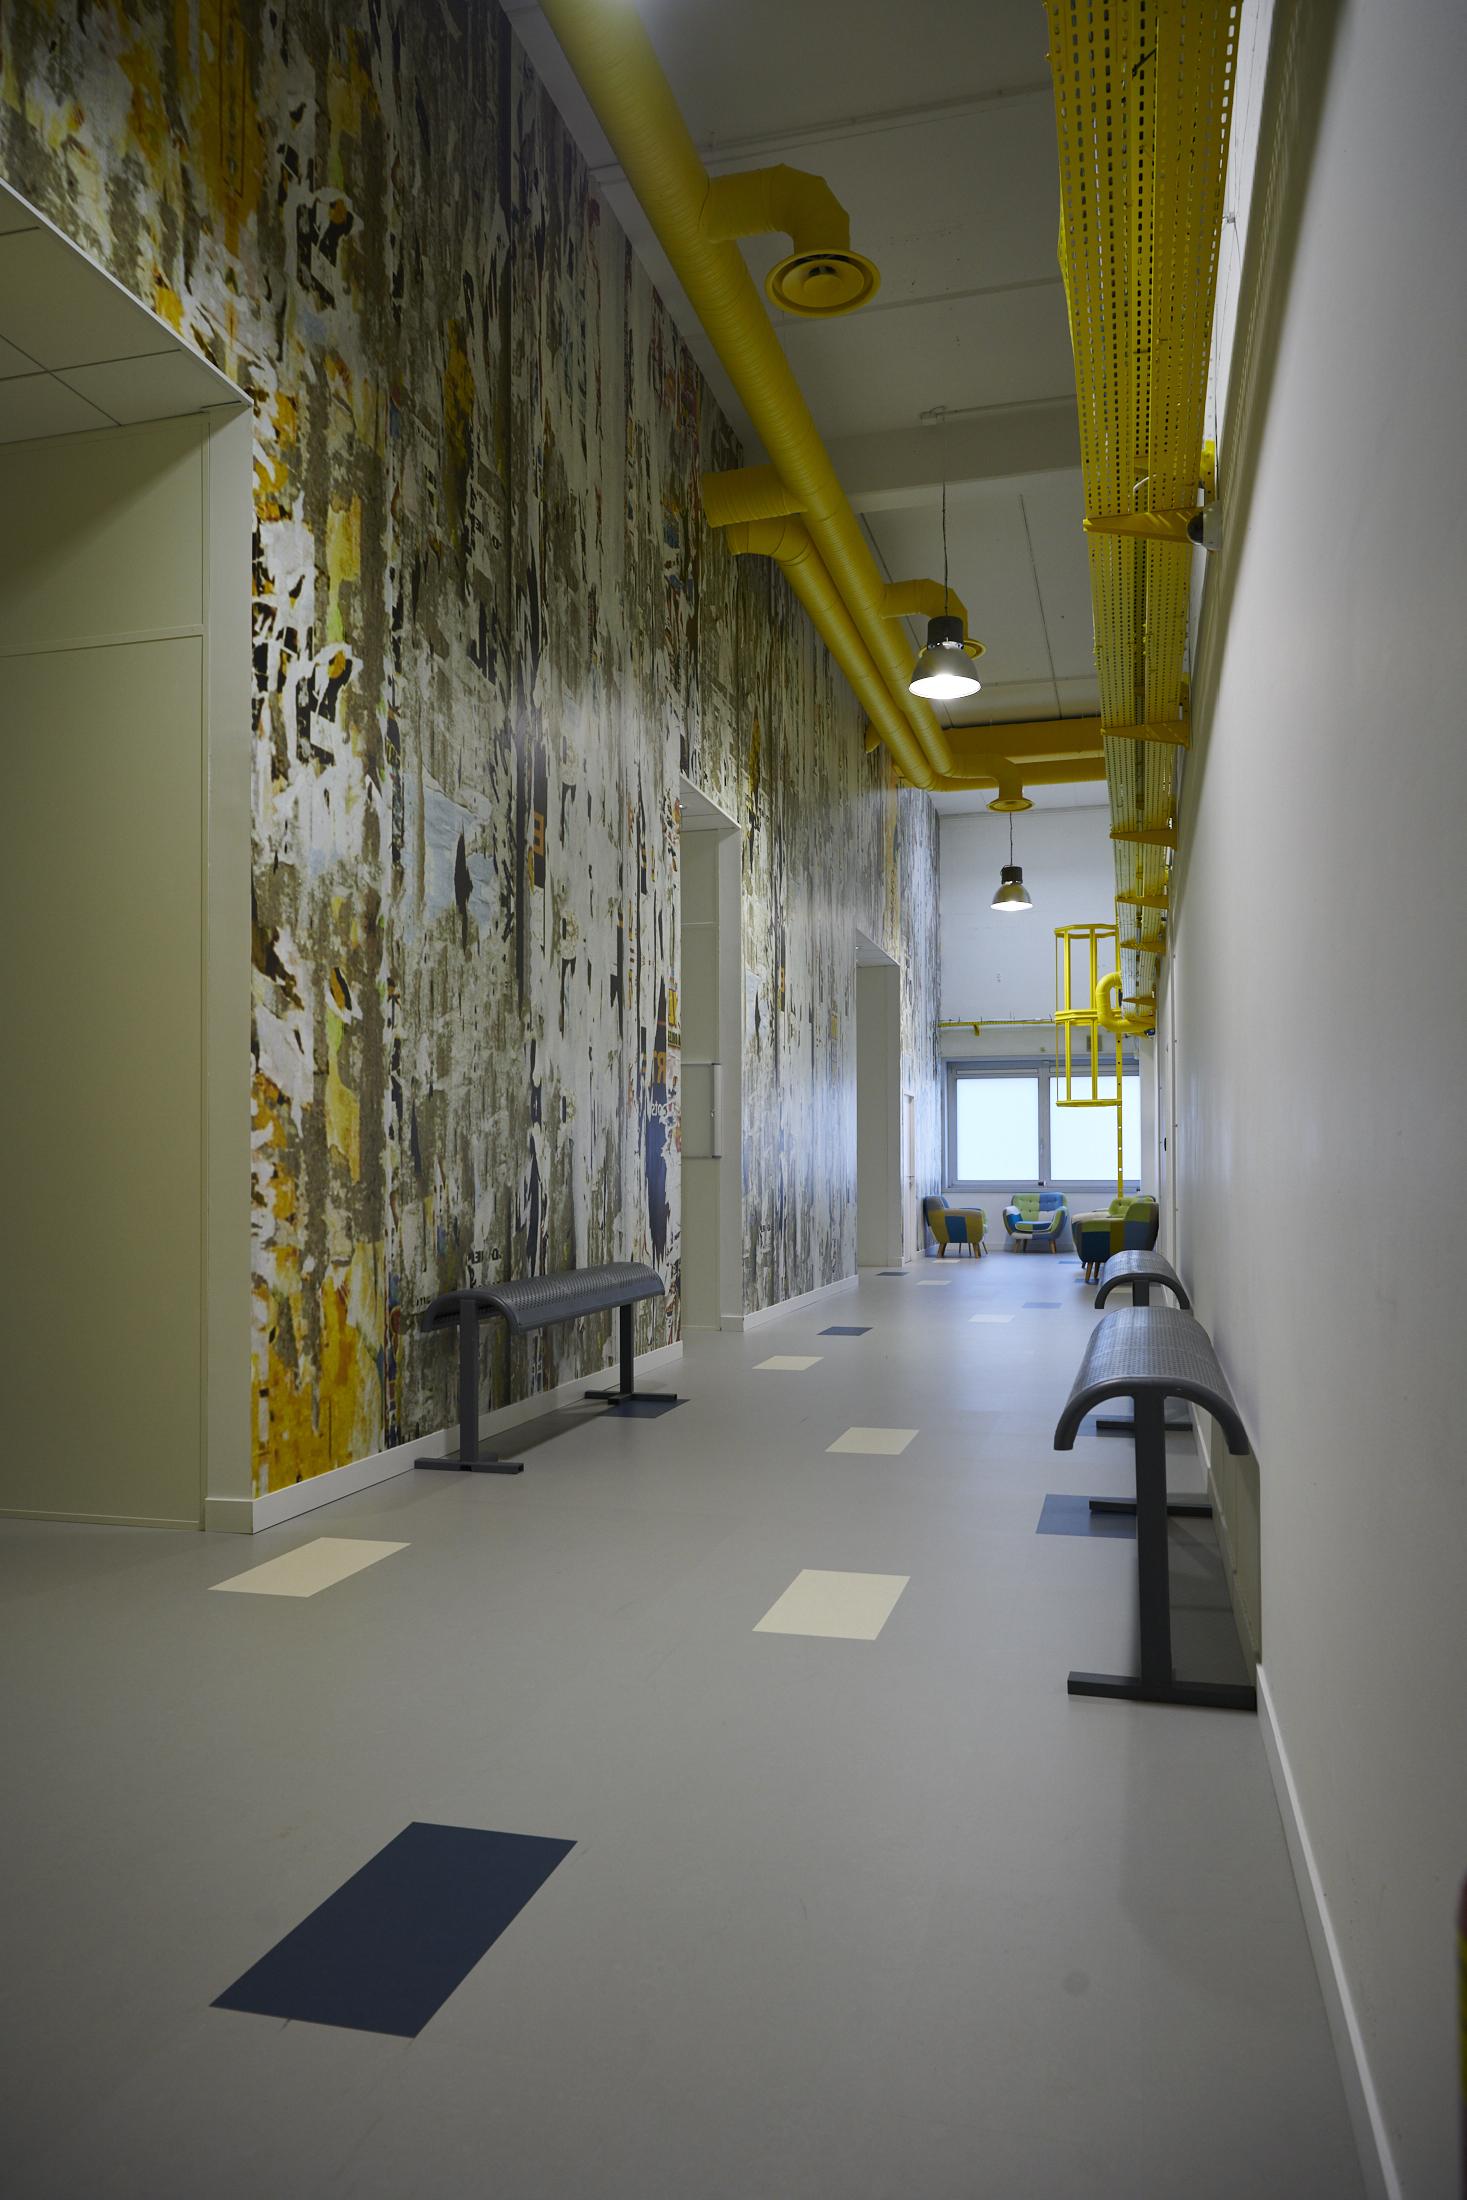 Octopus-papier peint sur mesure-sol PVC-banc métal-peinture